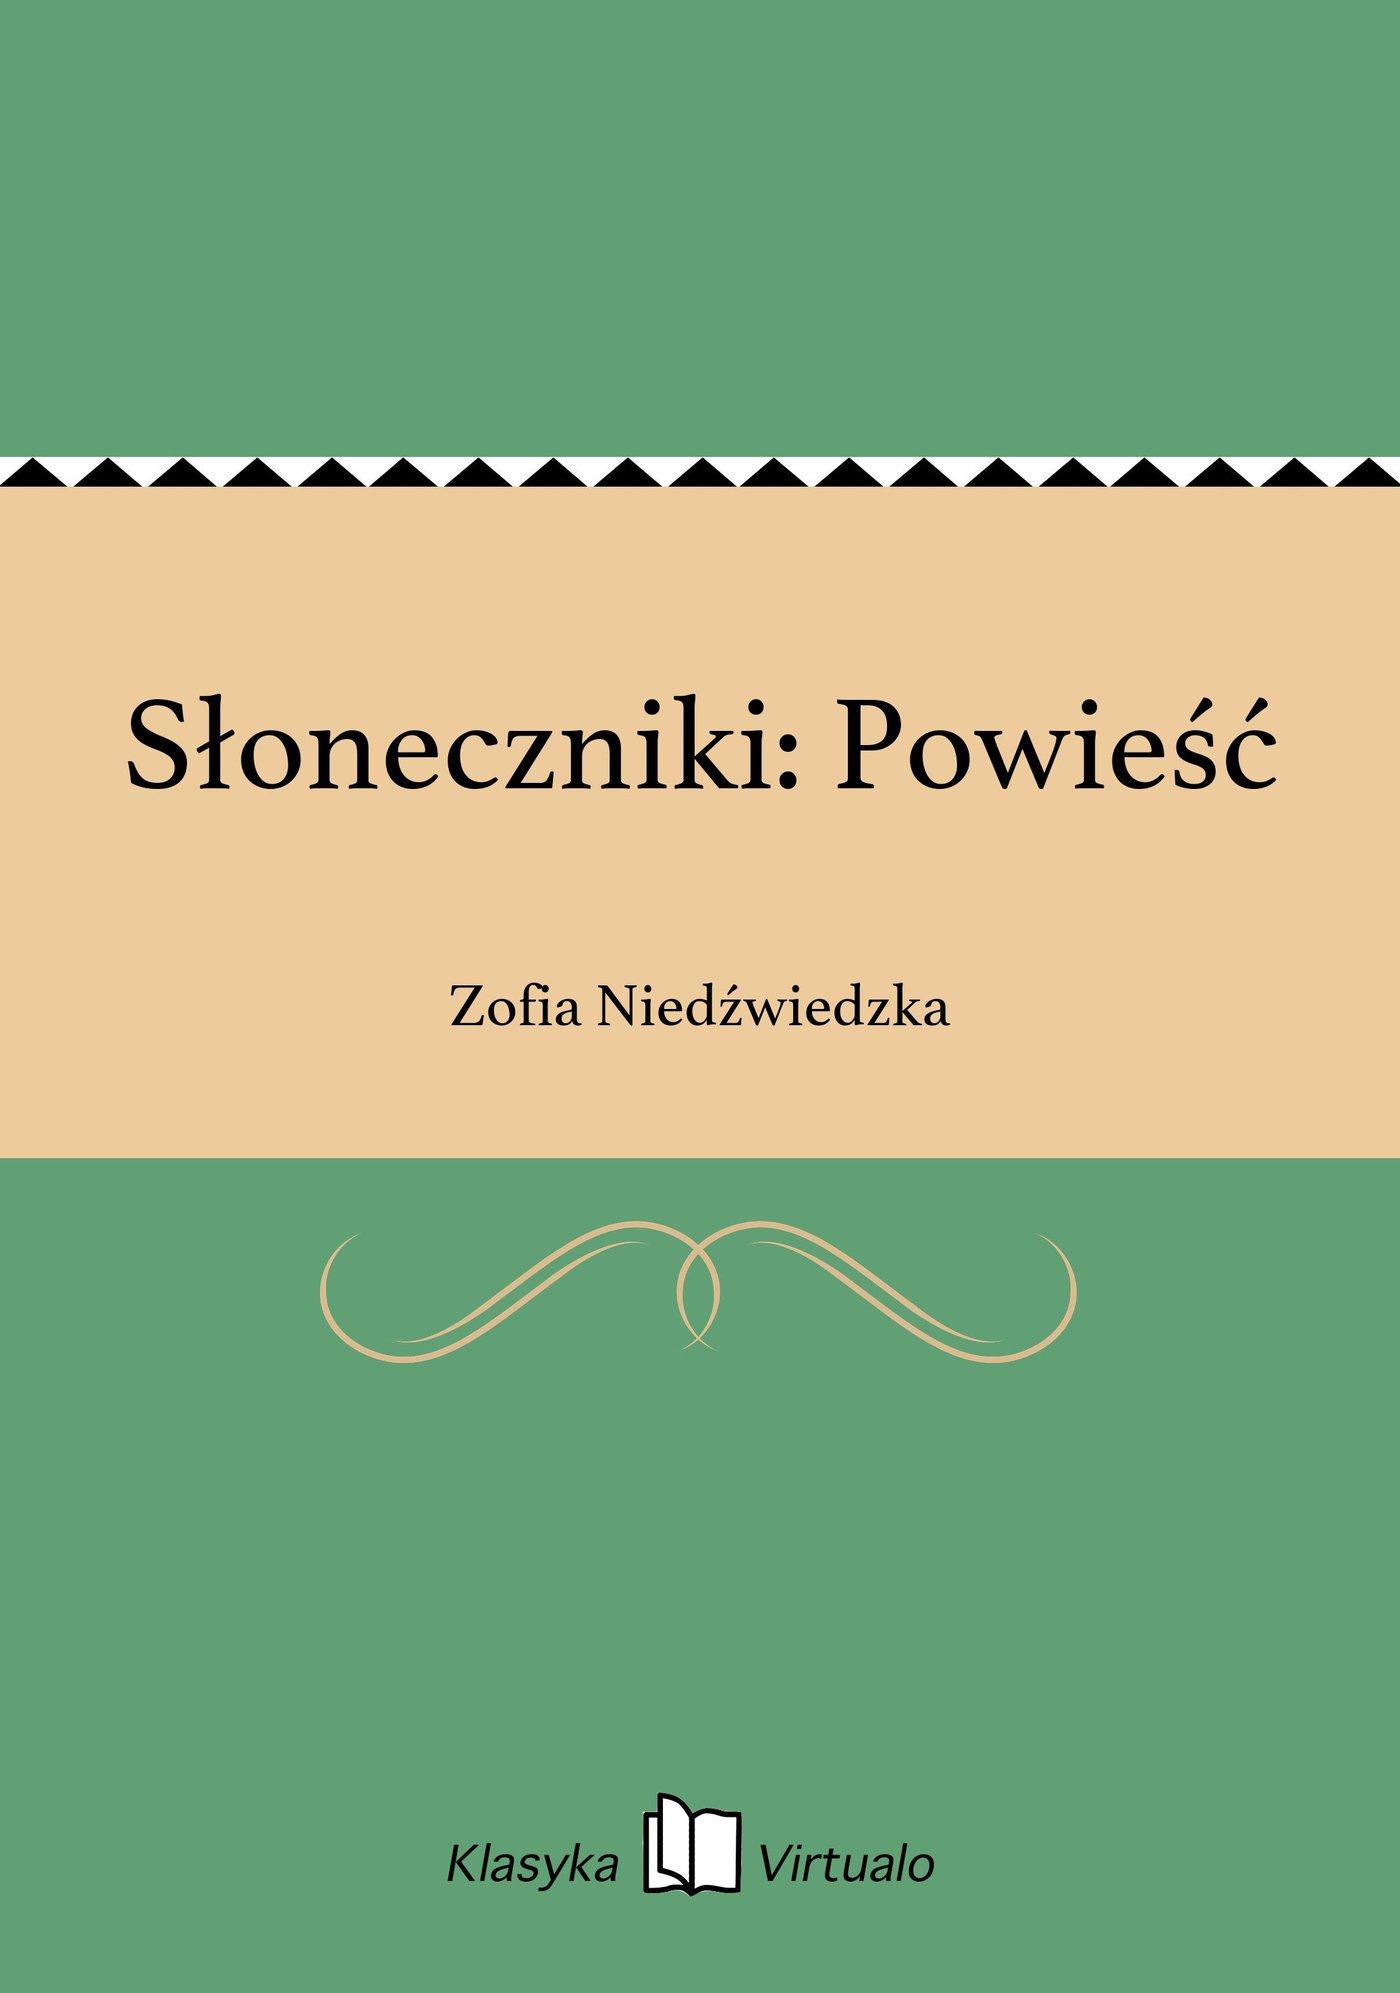 Słoneczniki: Powieść - Ebook (Książka EPUB) do pobrania w formacie EPUB